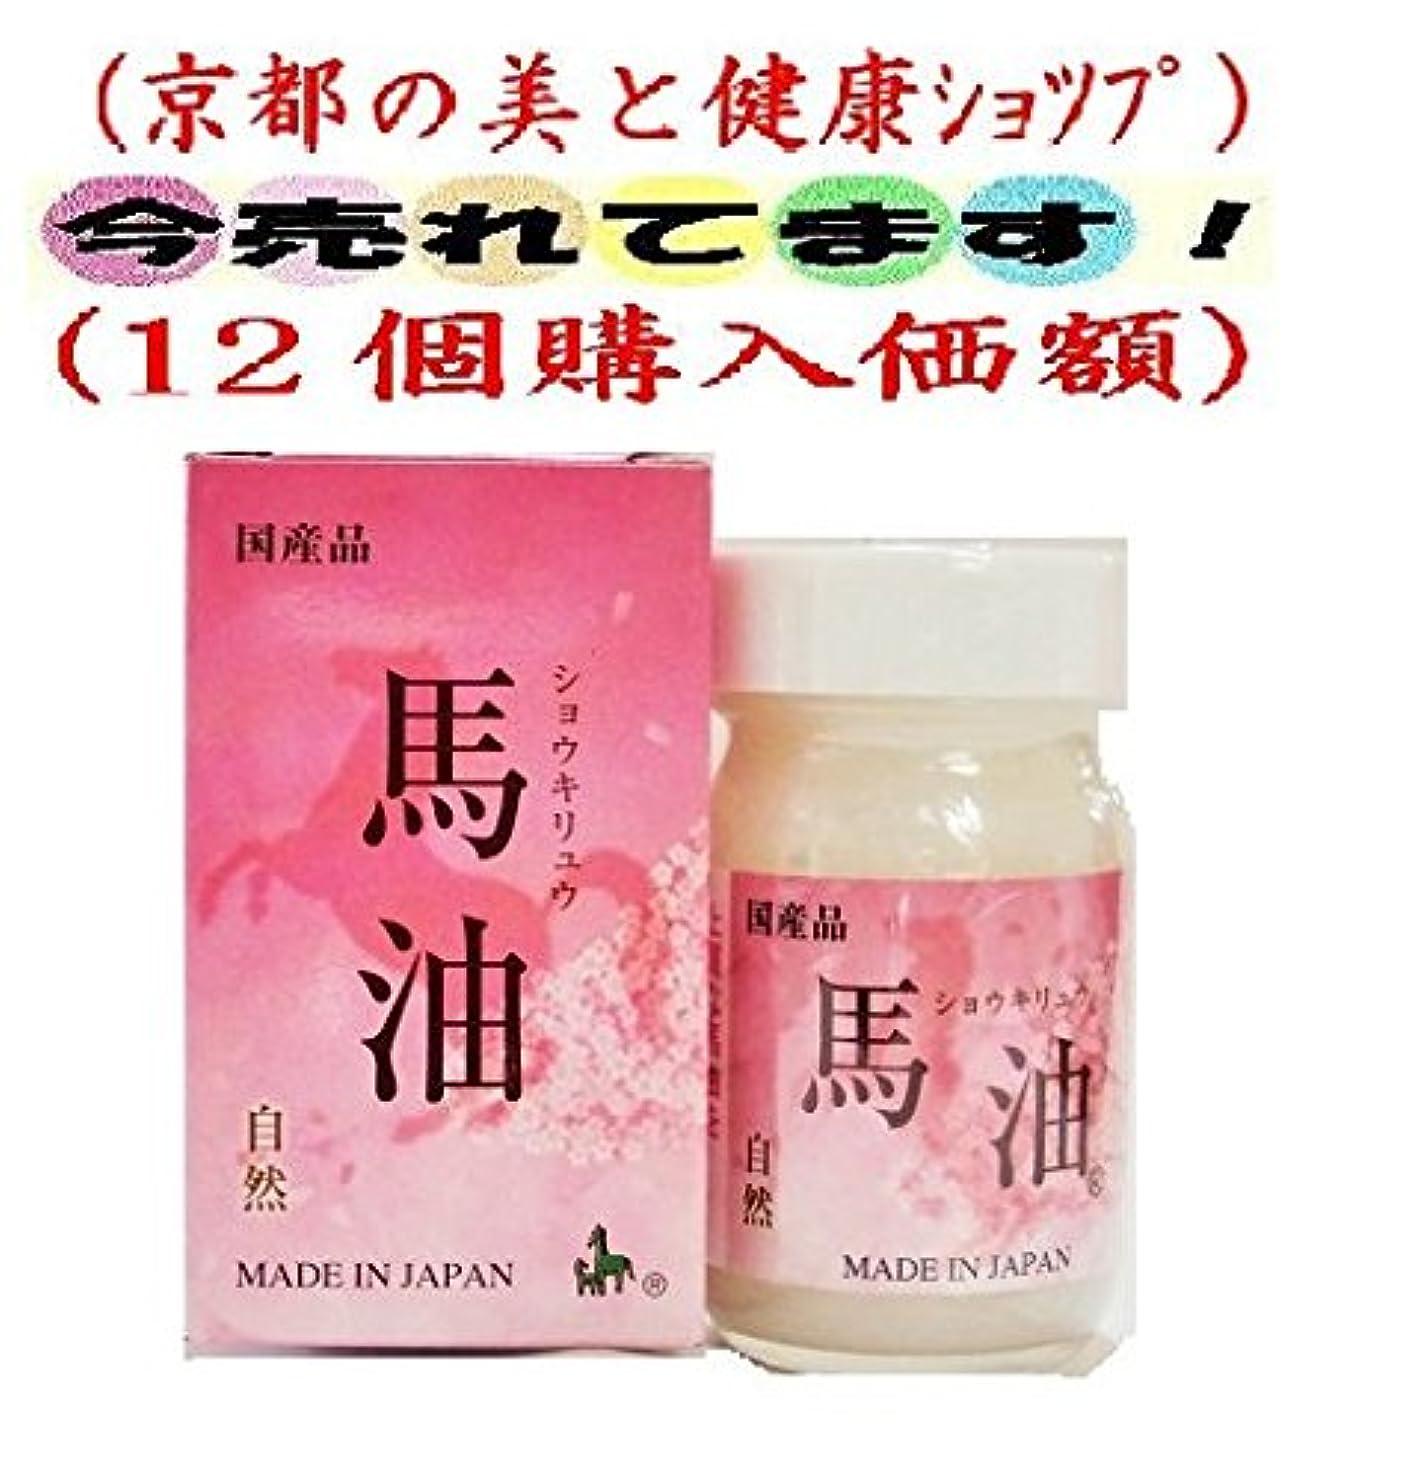 読者位置する慈善ショウキリュウ 馬油 自然 70ml (桜 ピンク化粧箱 12個購入価額)